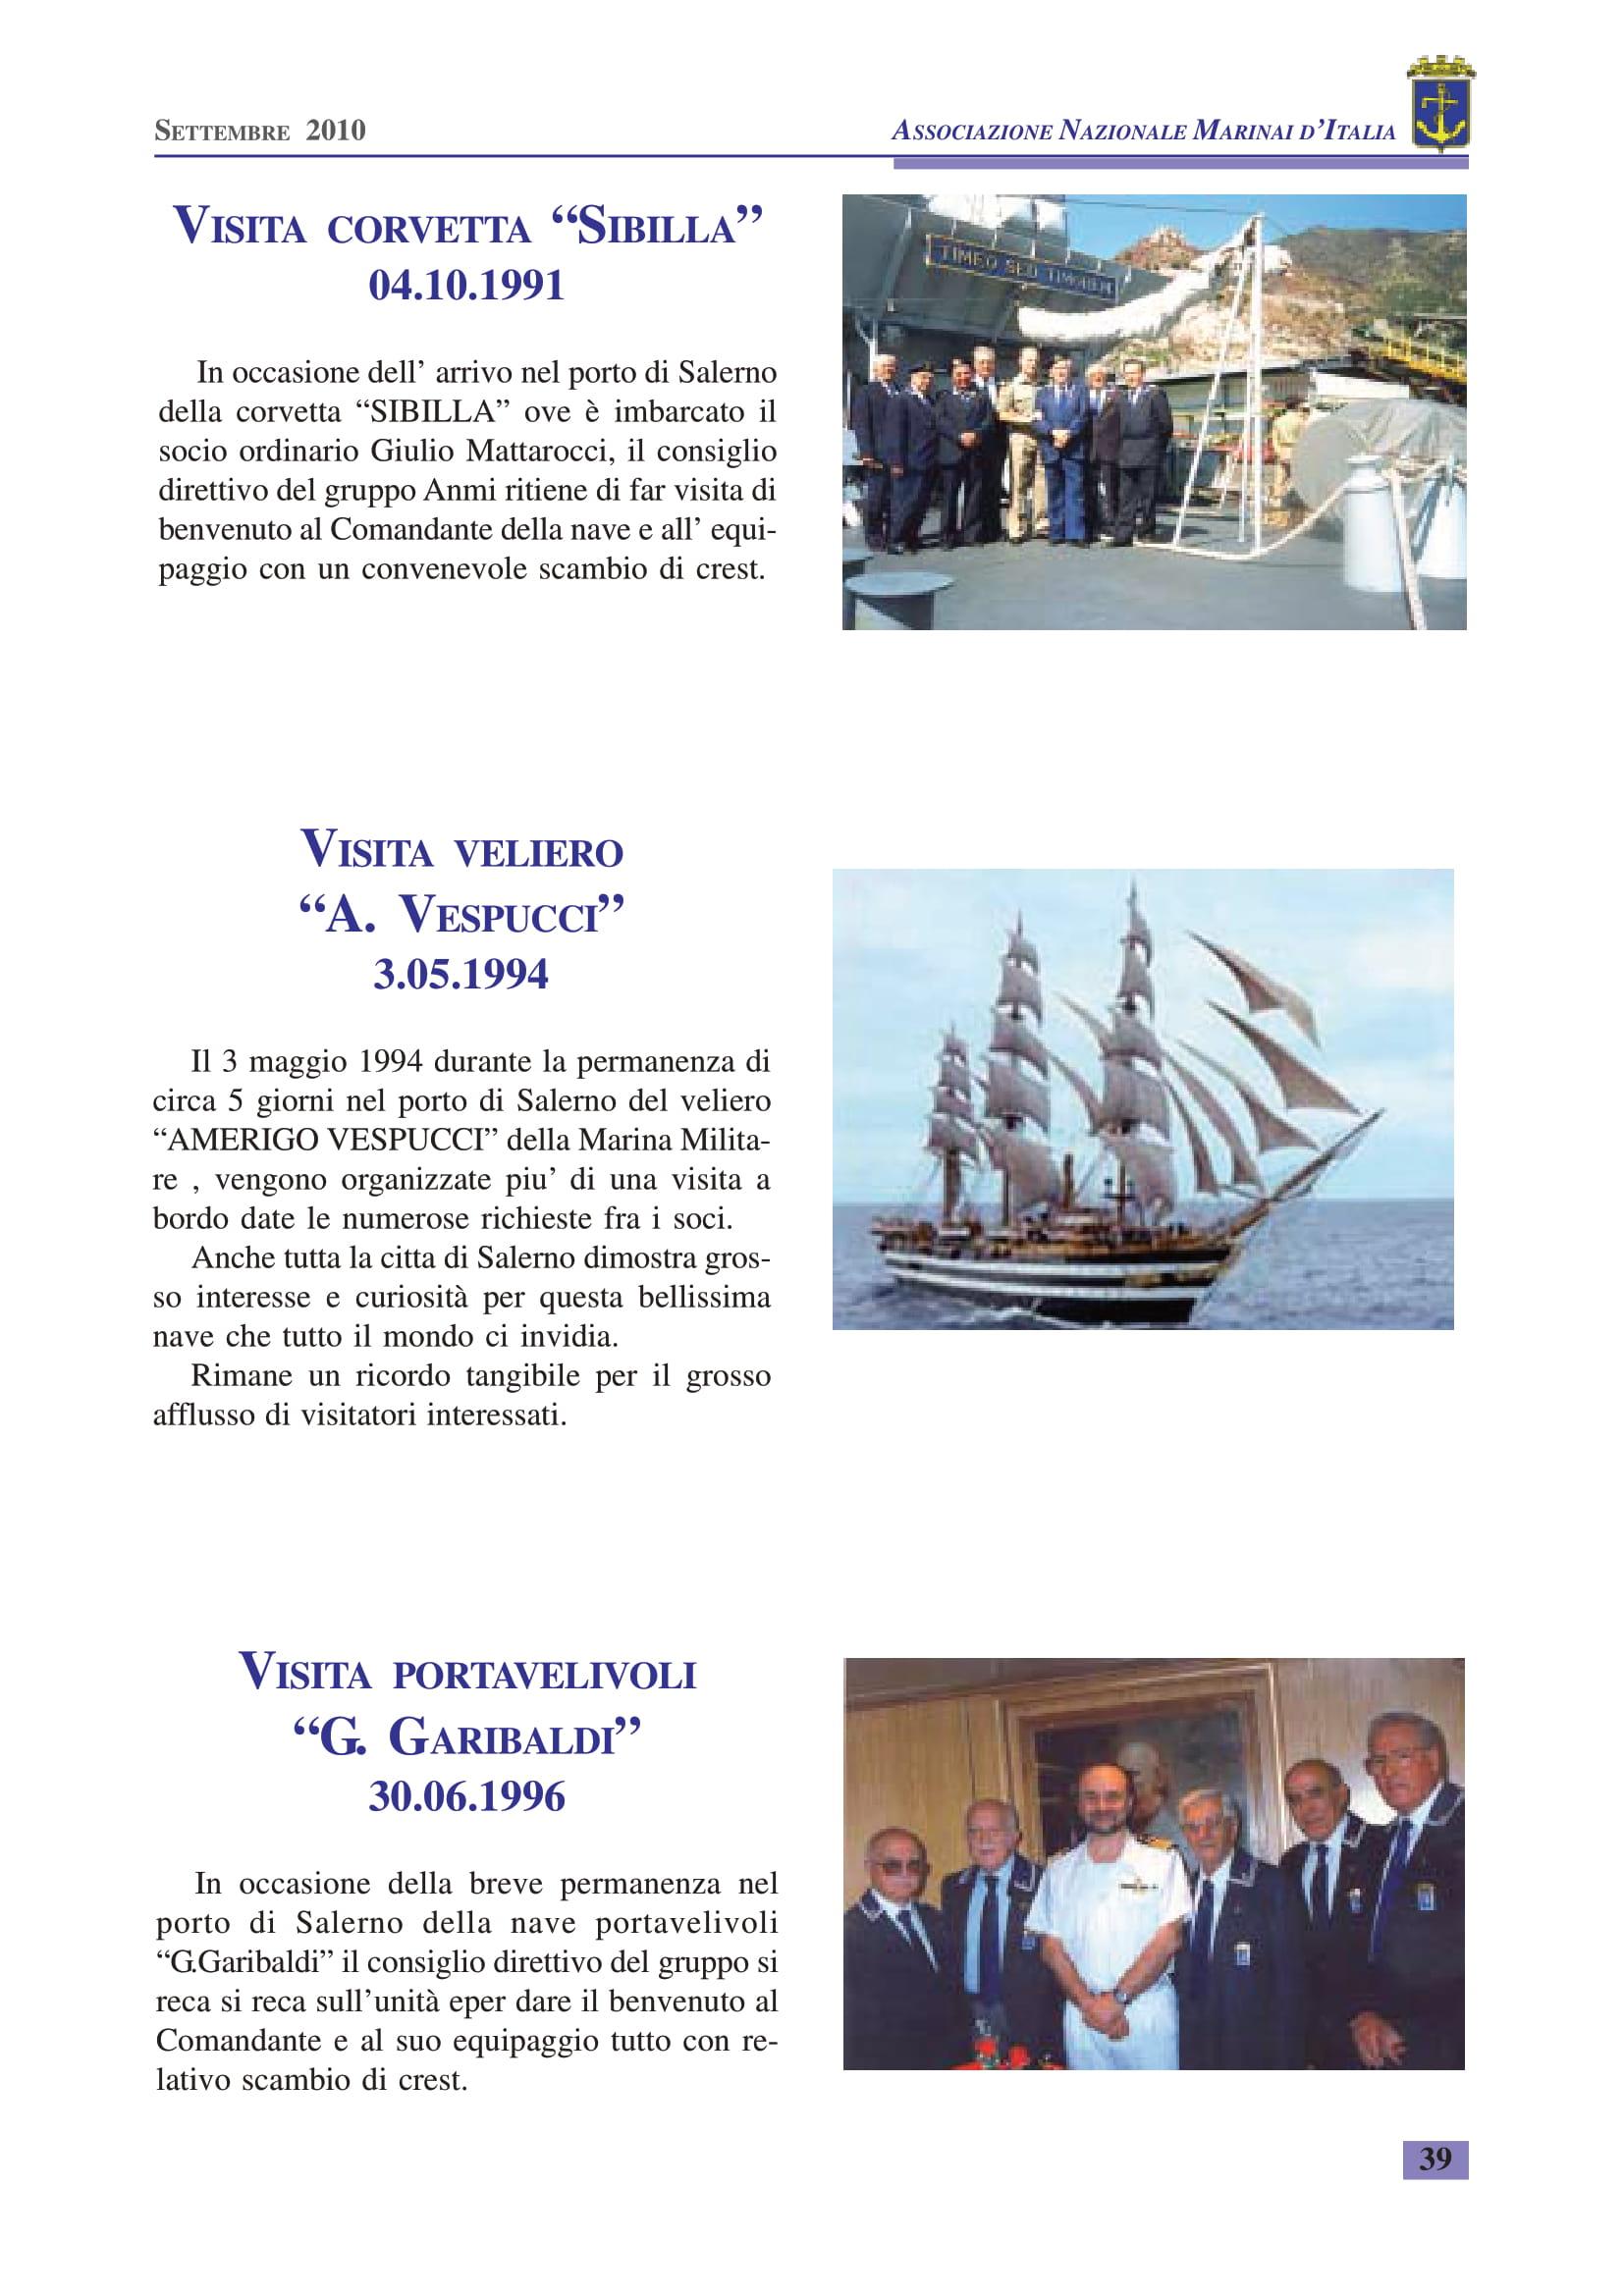 Ass. marinai-39